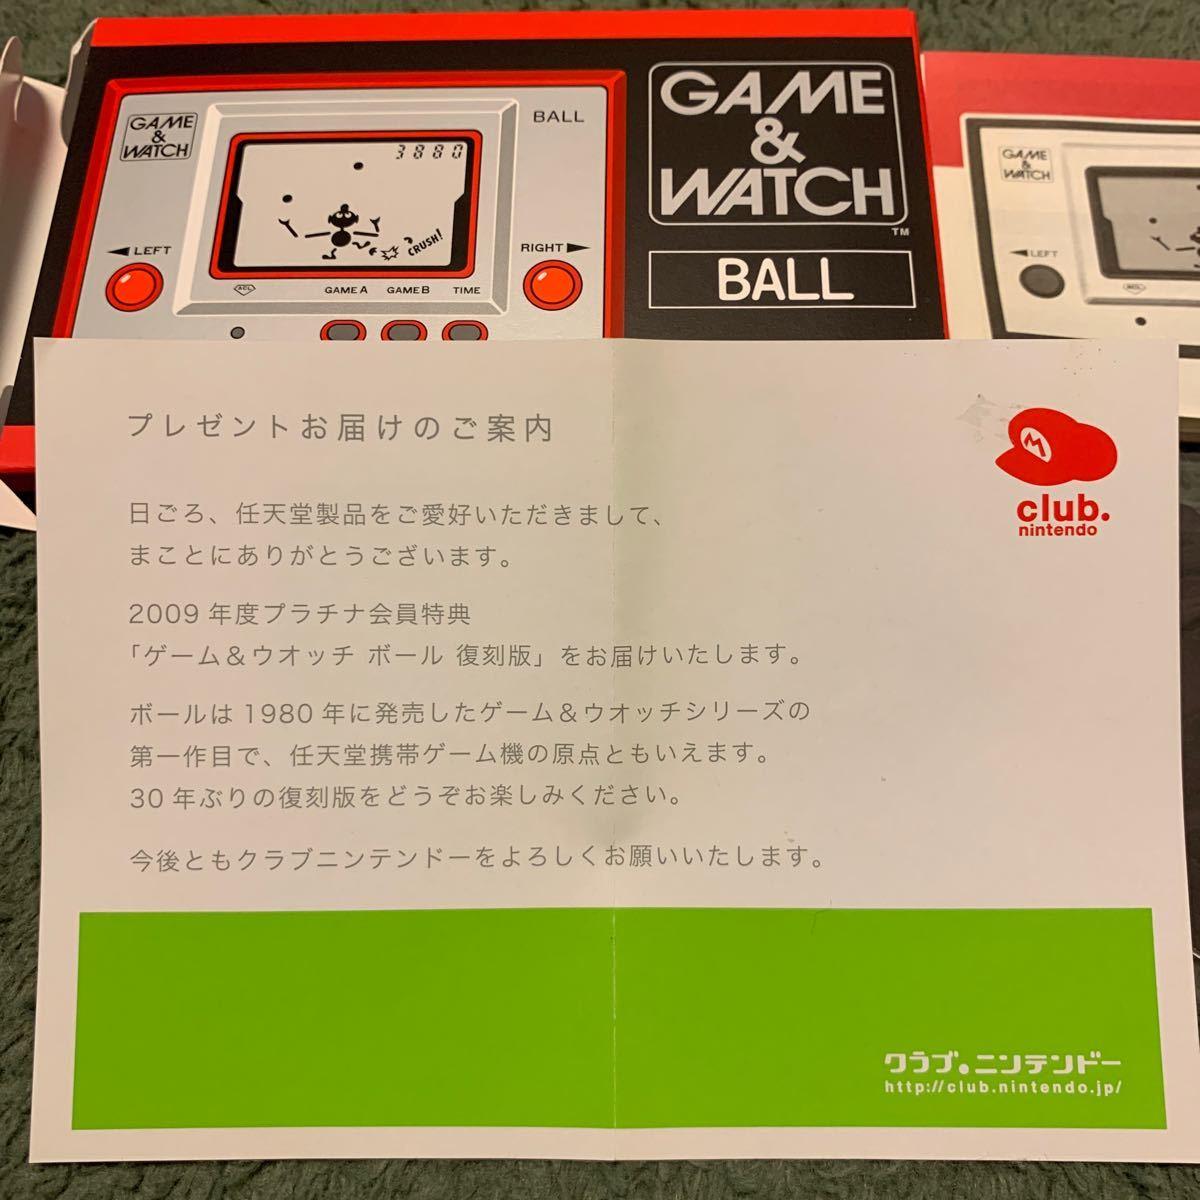 ゲーム&ウォッチ ボール 復刻版 任天堂 2009年度プラチナ会員特典 クラブ.ニンテンドー